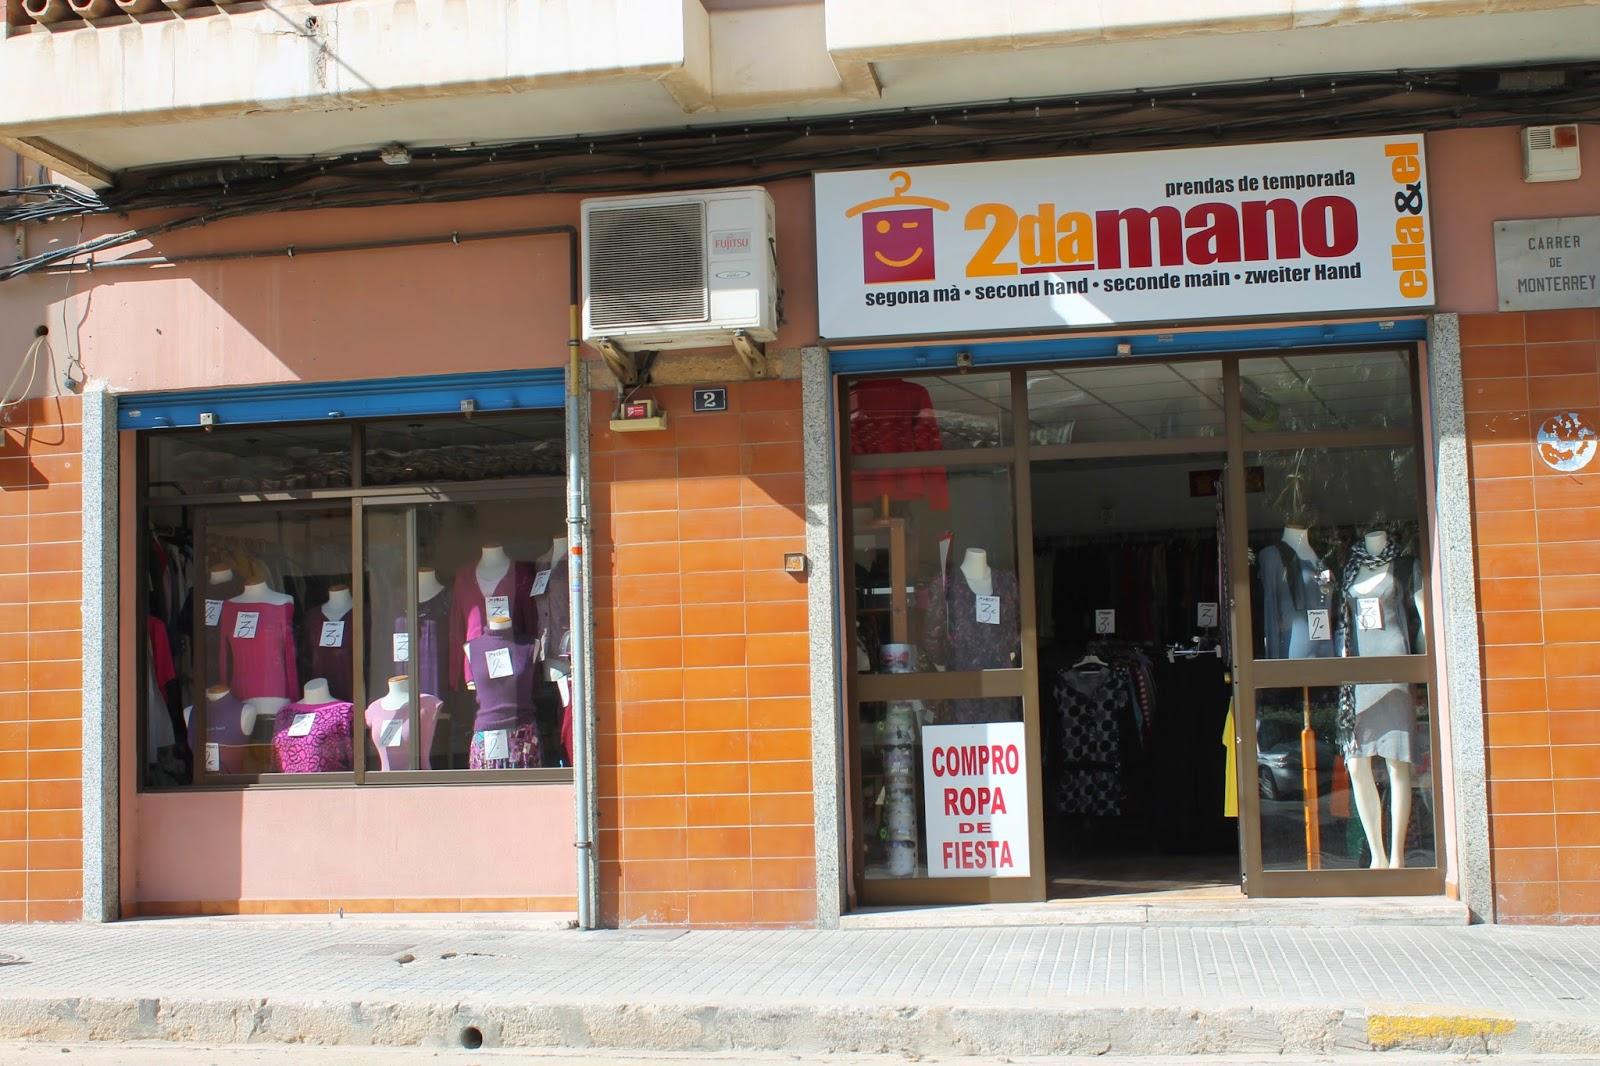 Tiendas que compren muebles de segunda mano hogar y ideas de dise o - Tiendas que compran muebles de segunda mano ...